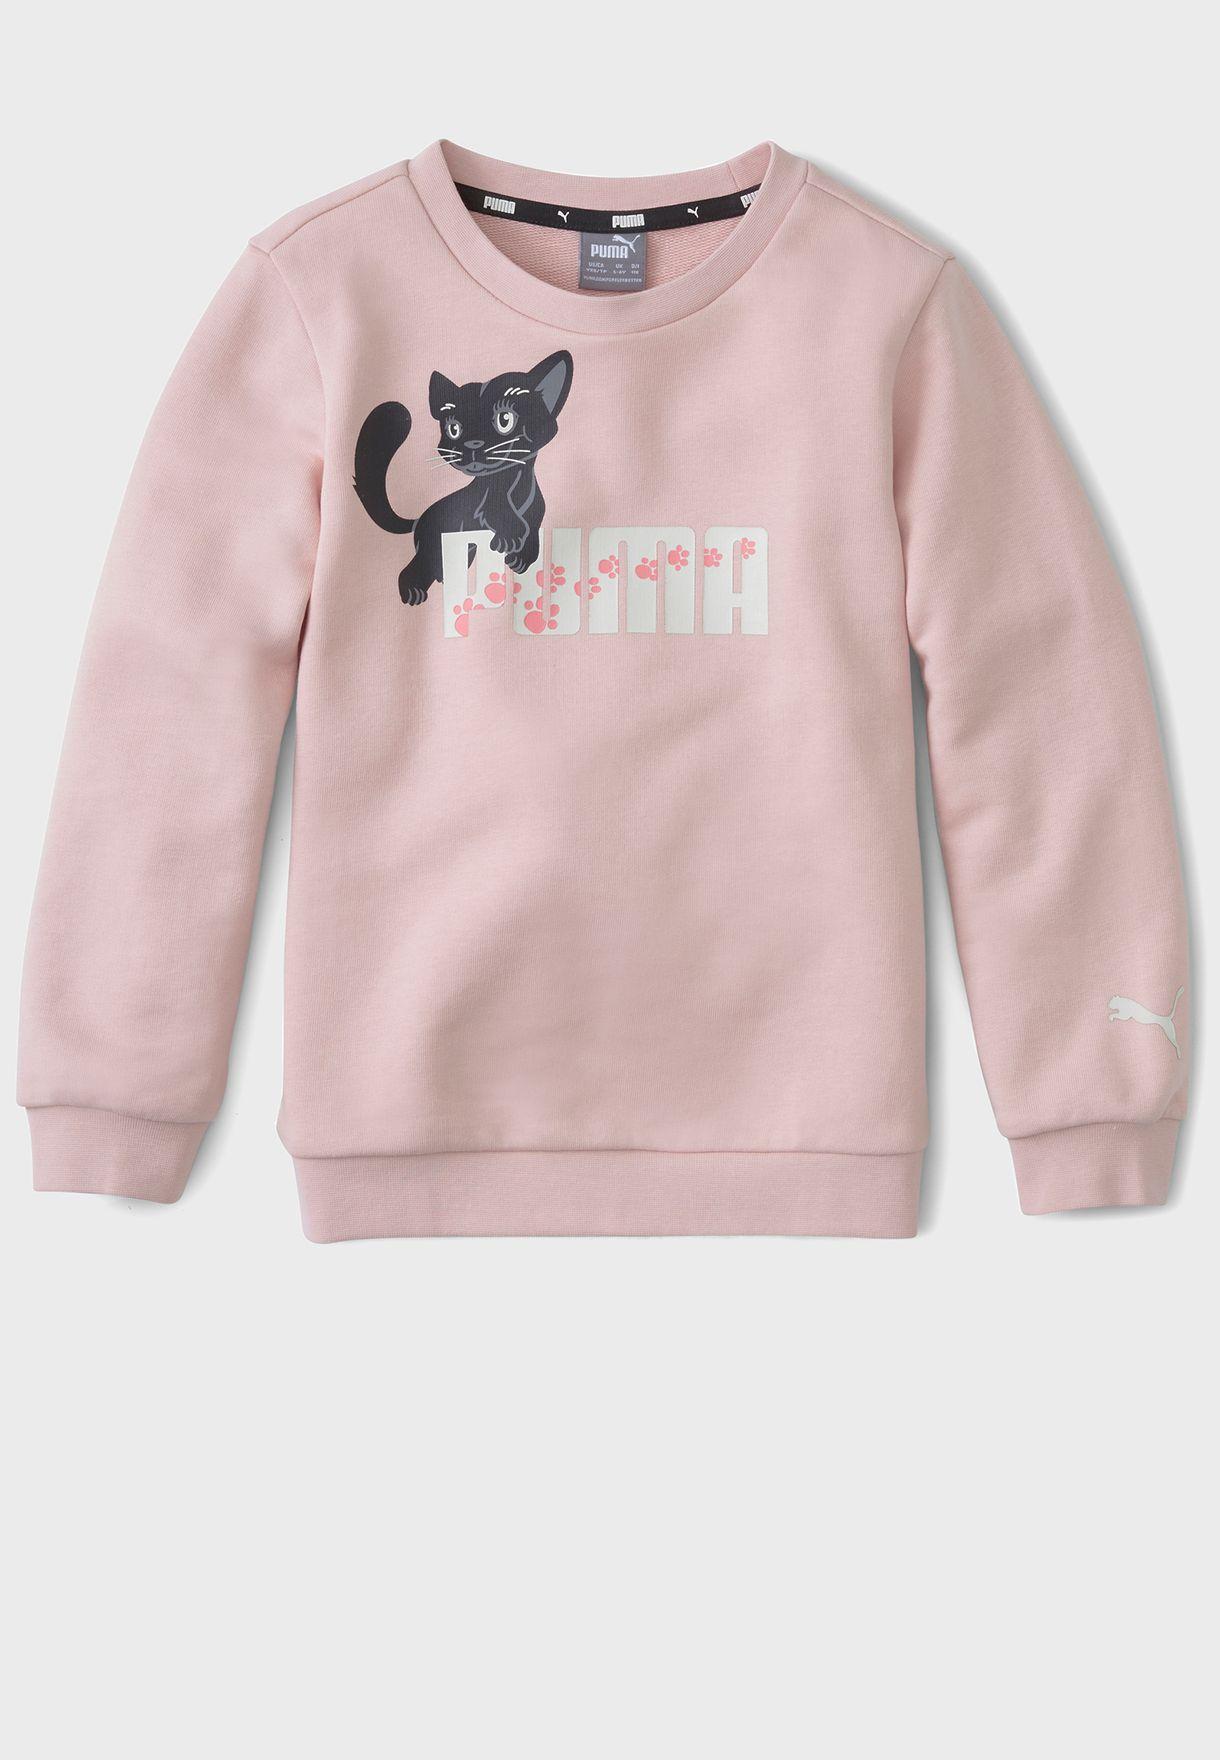 Kids Animal Sweatshirt